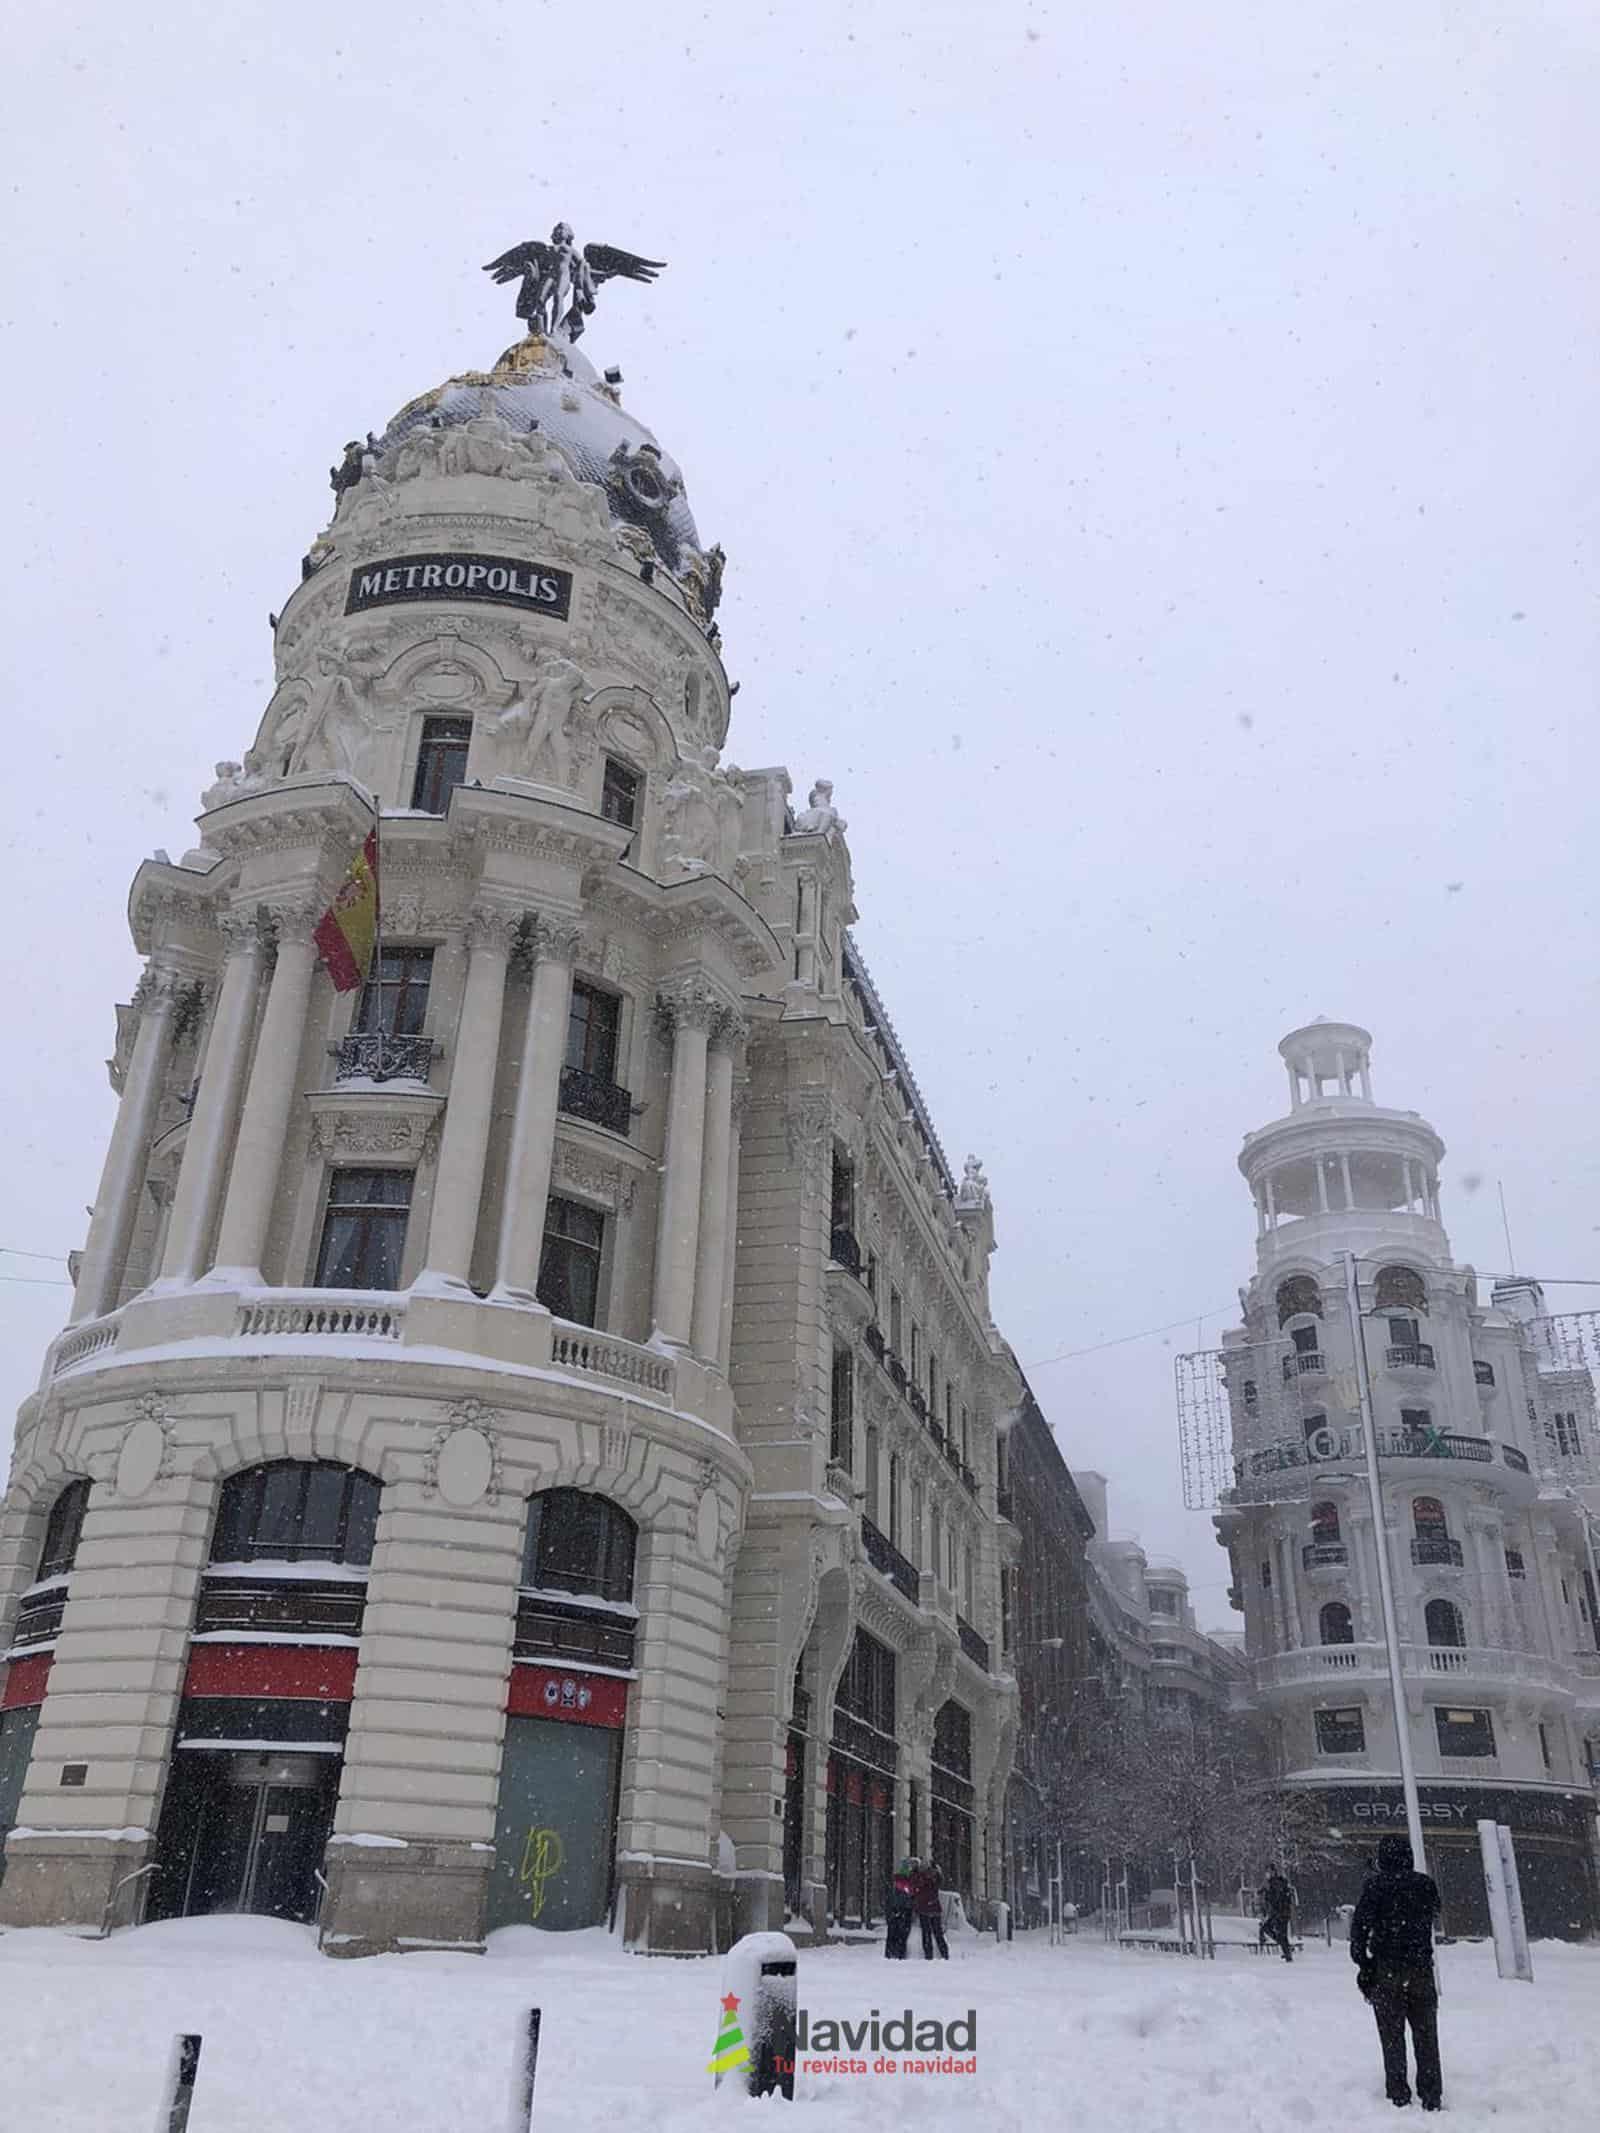 Fotografías de la nevada de enero en Madrid (España) 88